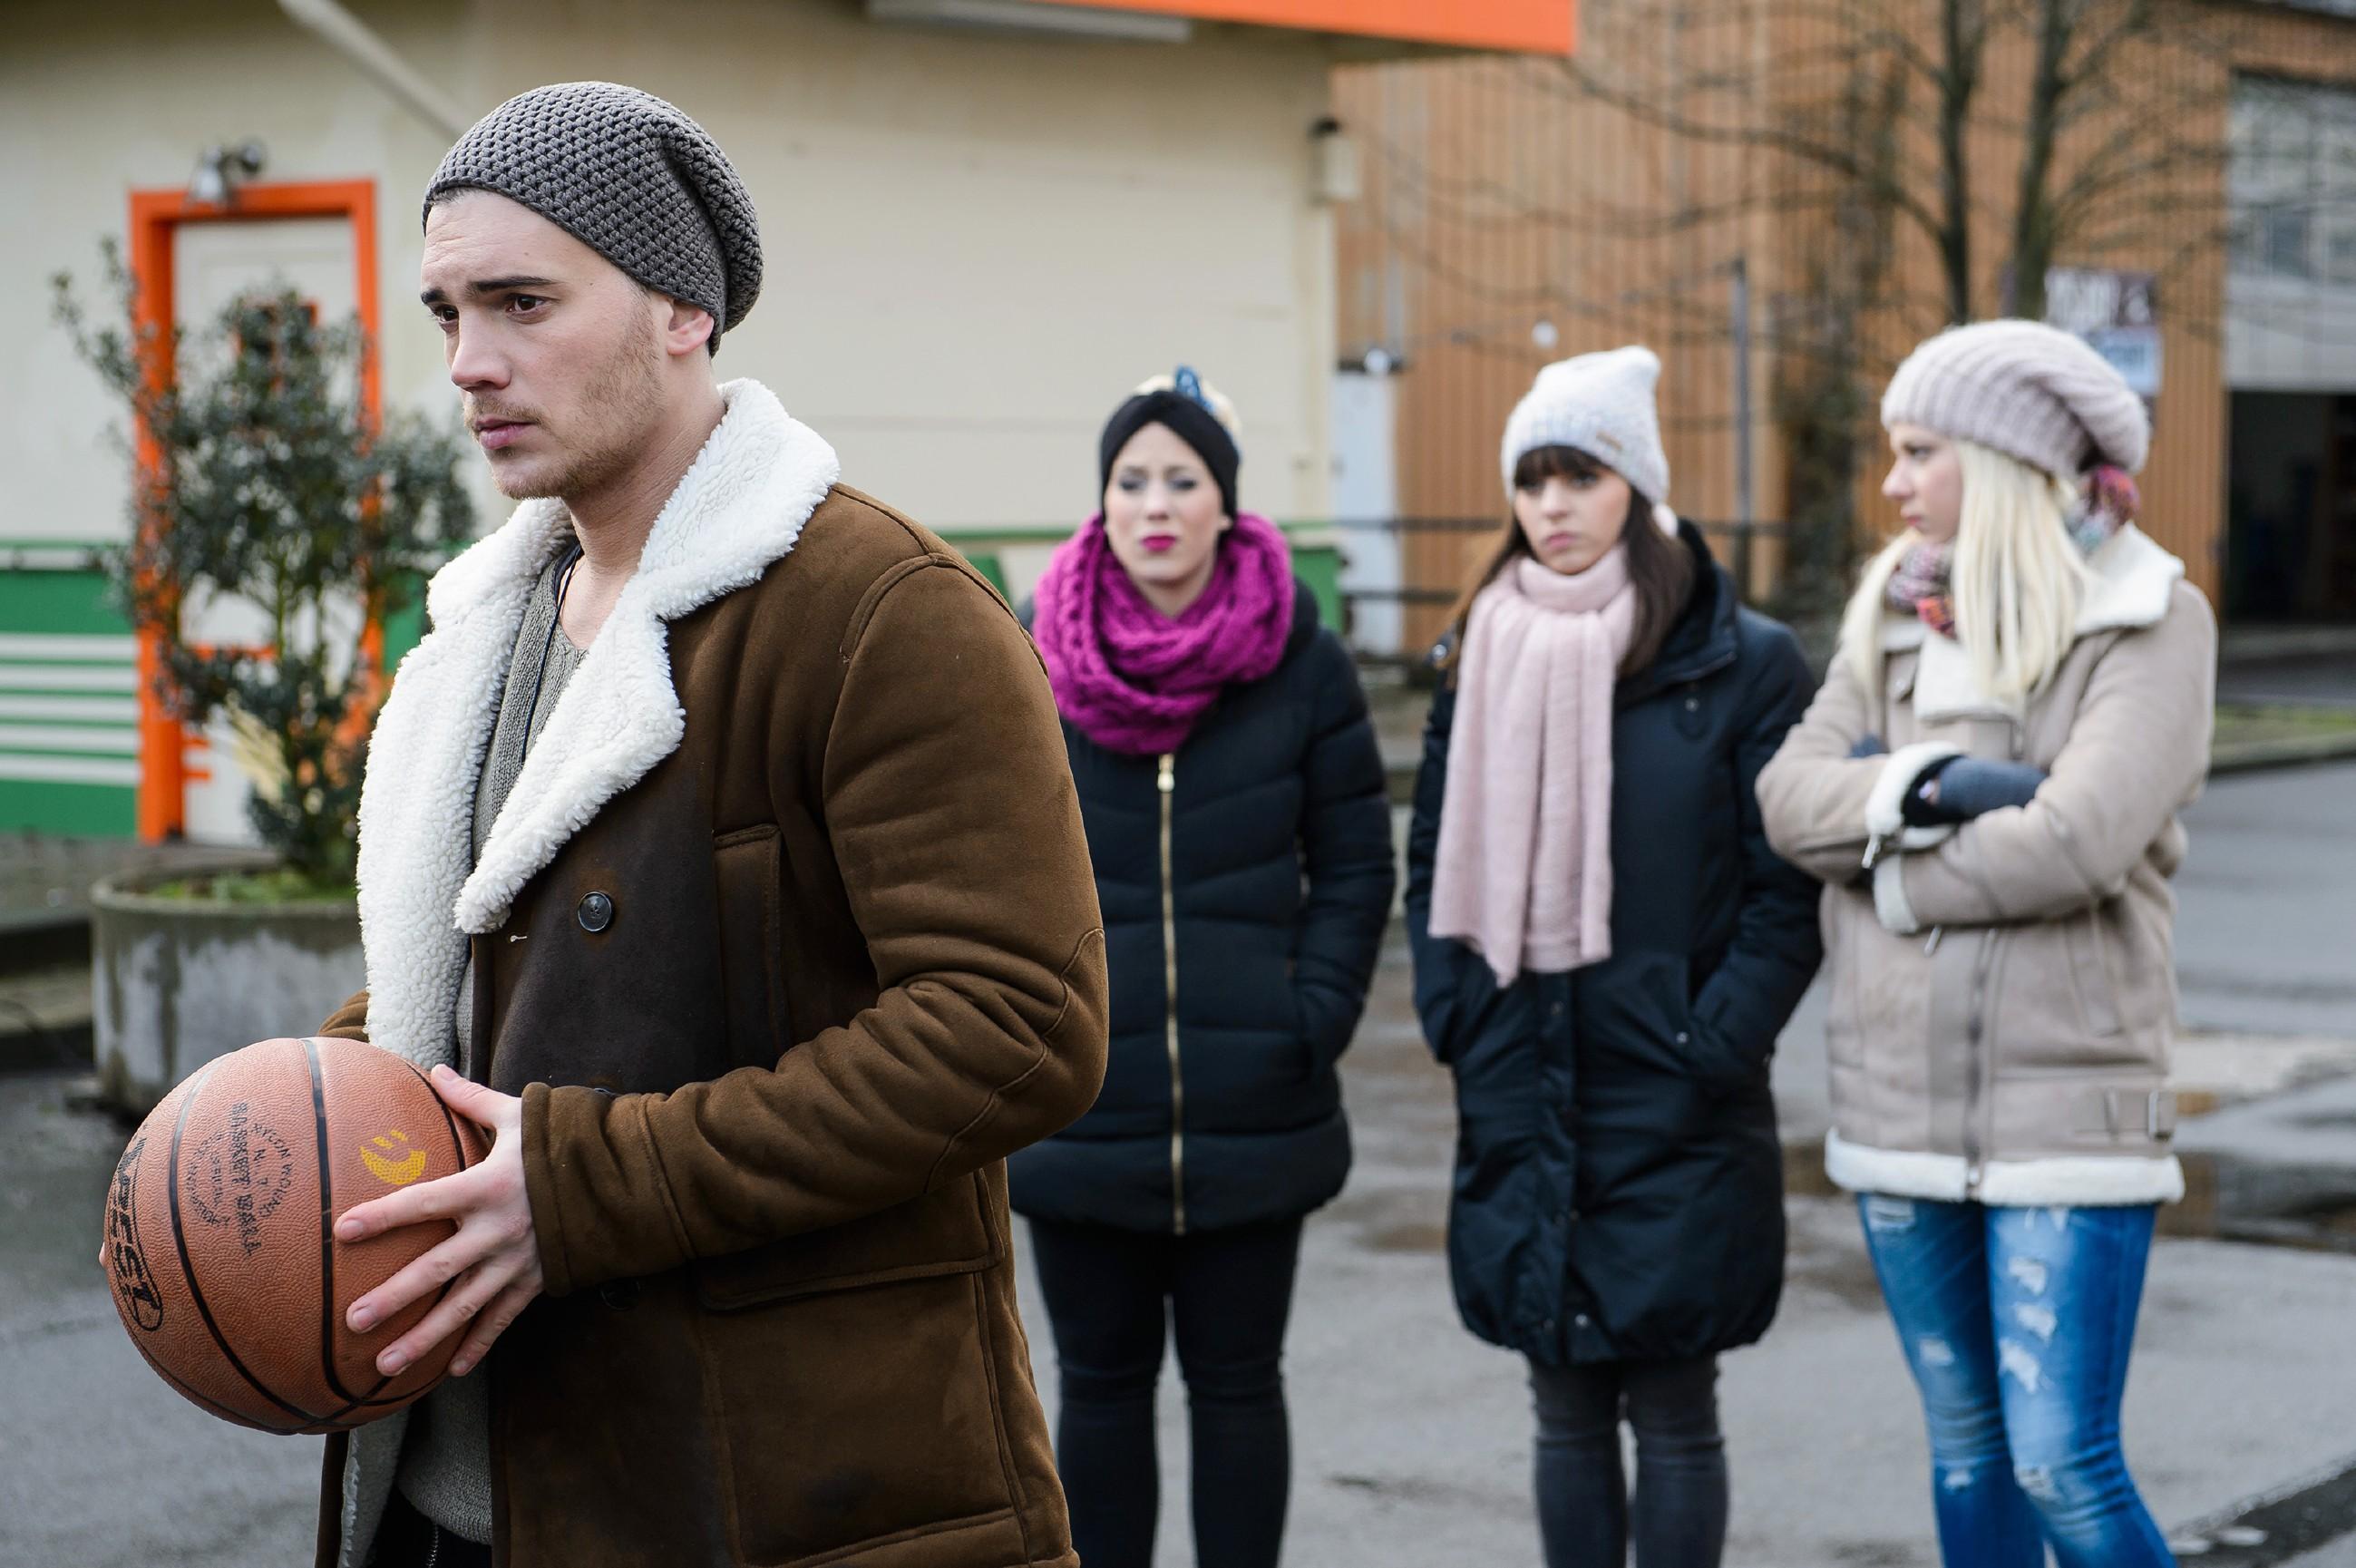 Ronny (Bela Klentze), Iva (Christina Klein, 2.v.l.), Michelle (Franziska Benz, 2.v.r.) und Marie (Cheyenne Pahde) sind in ihrer Trauer um Leo vereint. (Quelle: RTL / Willi Weber)